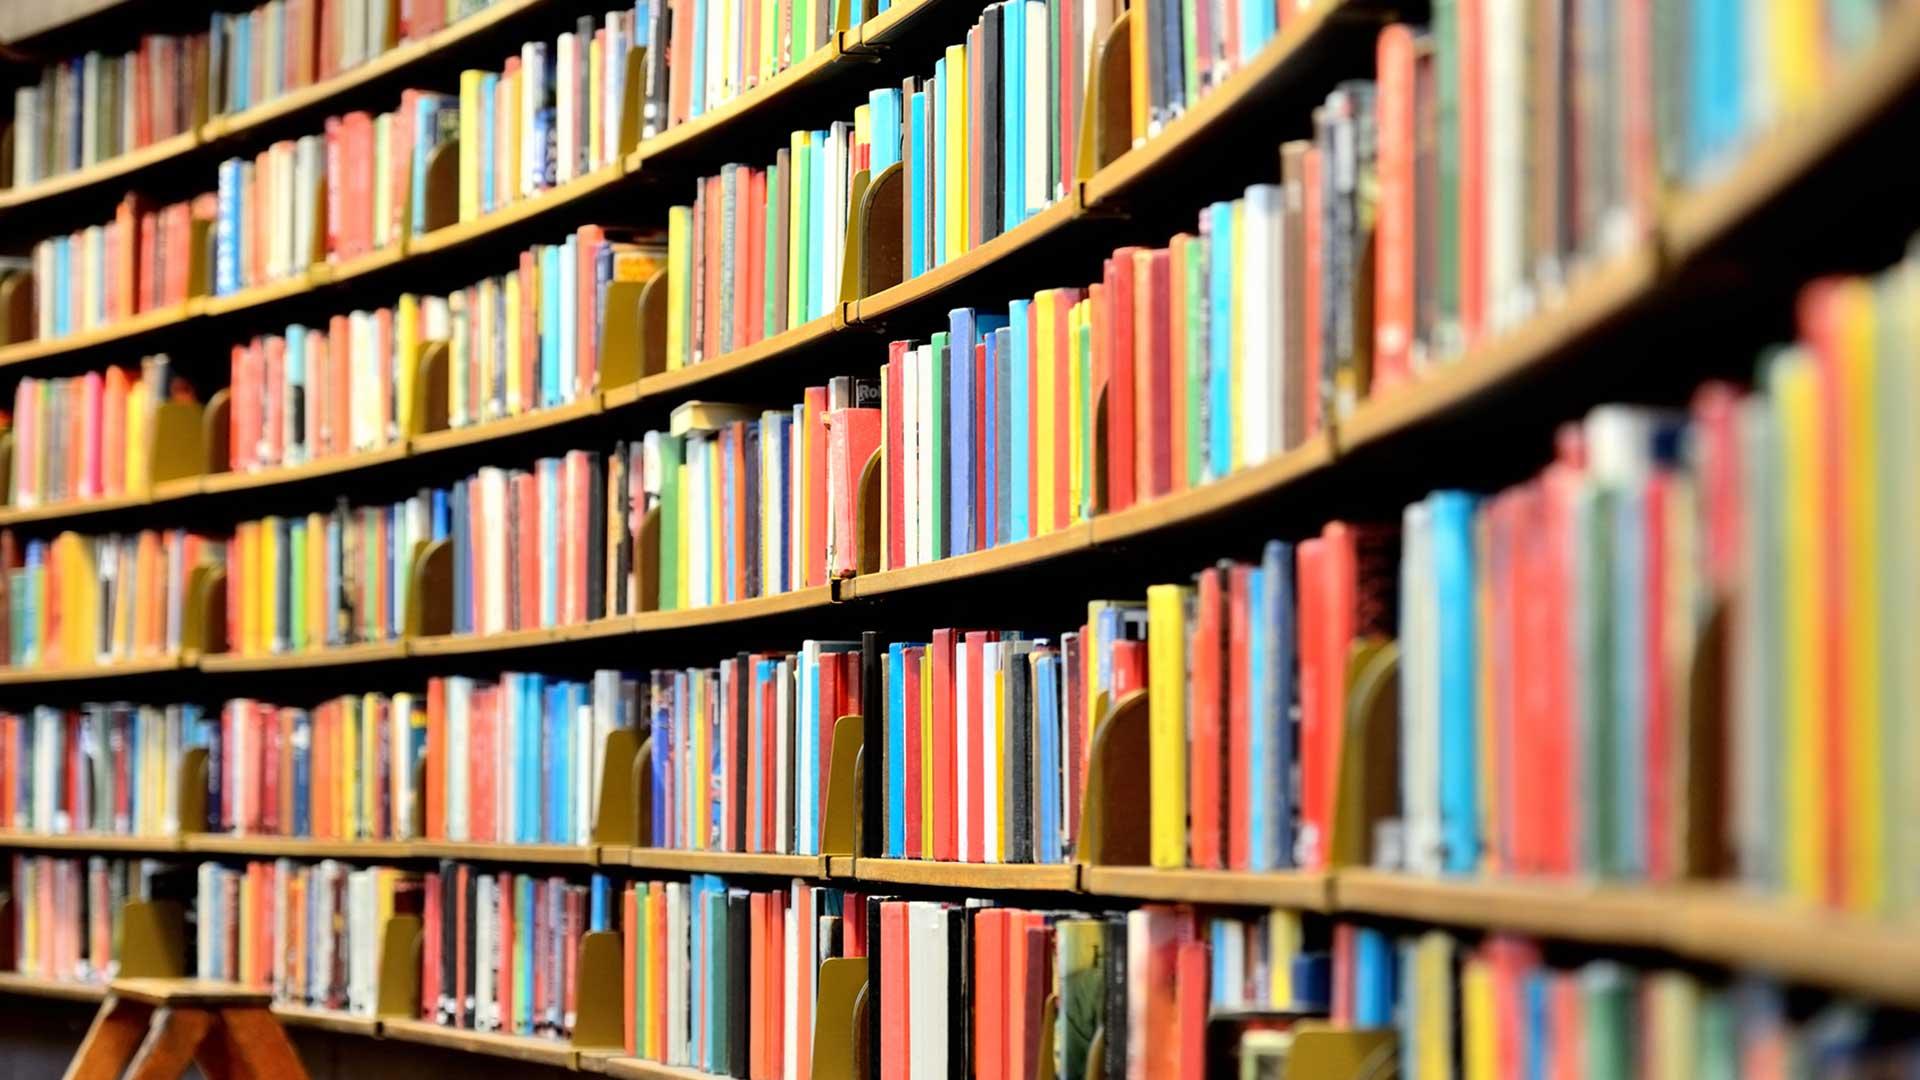 Bücherei bilder  Buecherei Garching / Alz: Bücherei Garching an der Alz